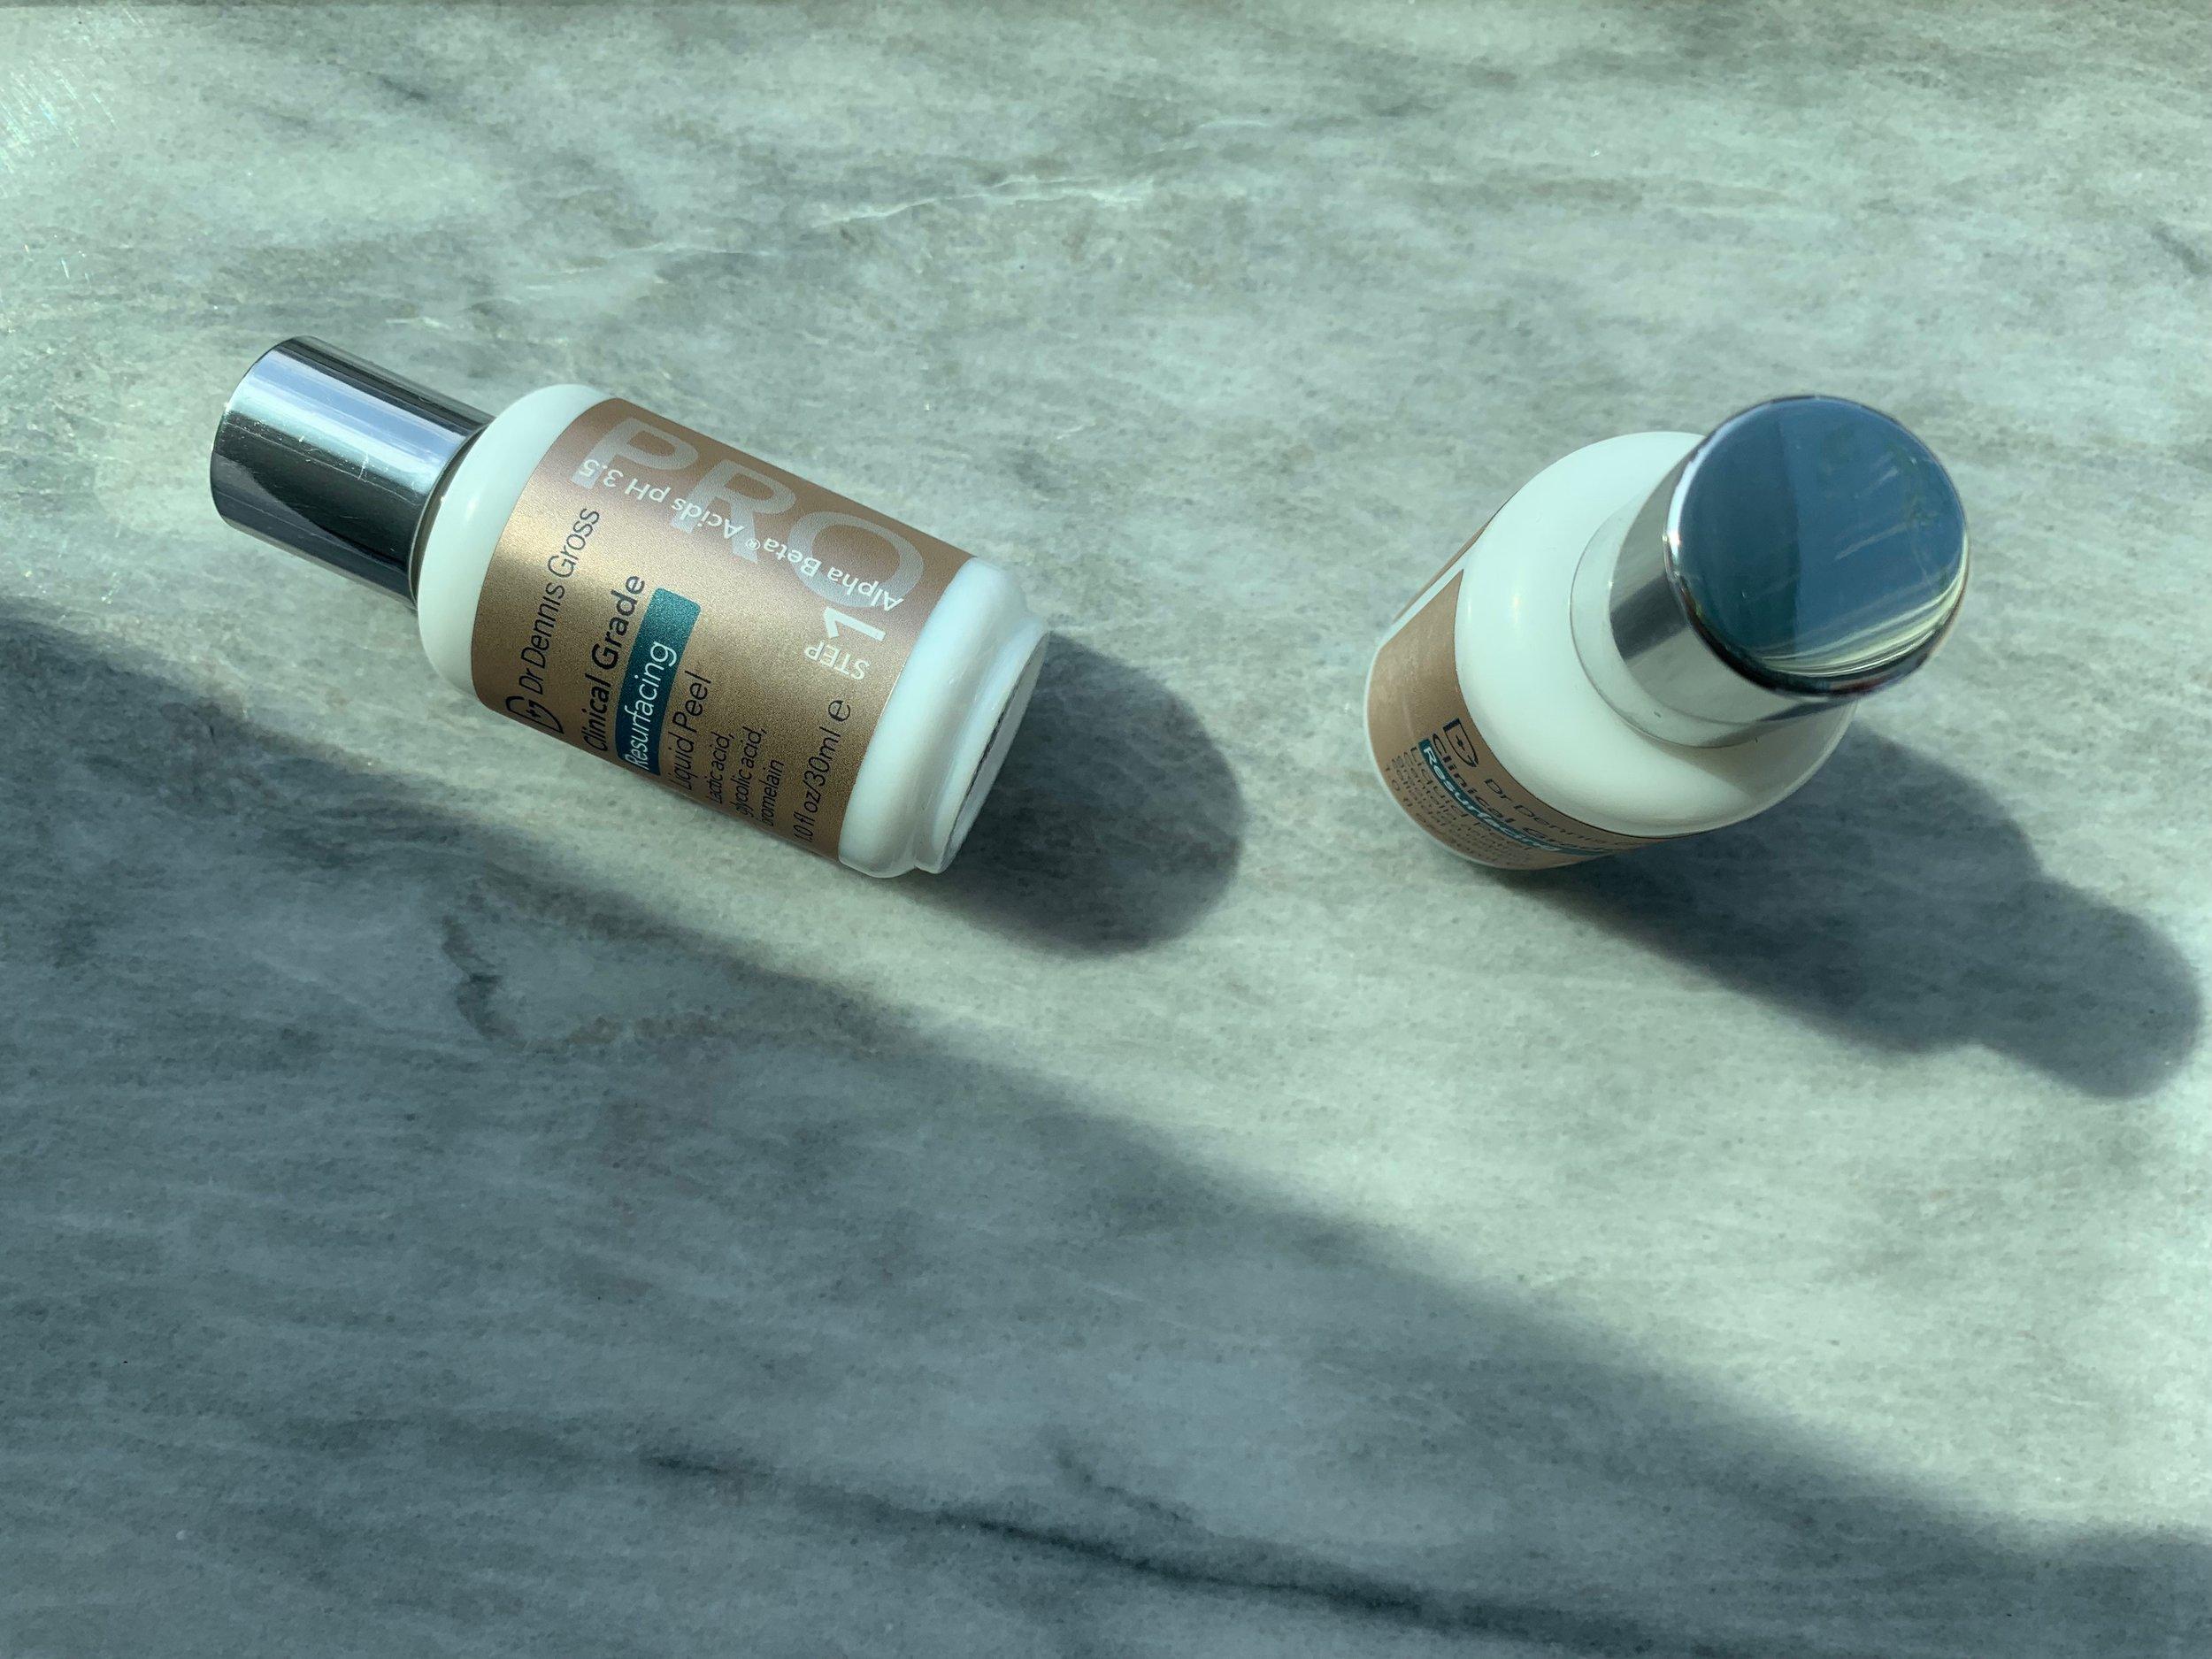 The 2-step Dr. Dennis Gross Clinical Grade Resurfacing Liquid Peel is serious stuff!